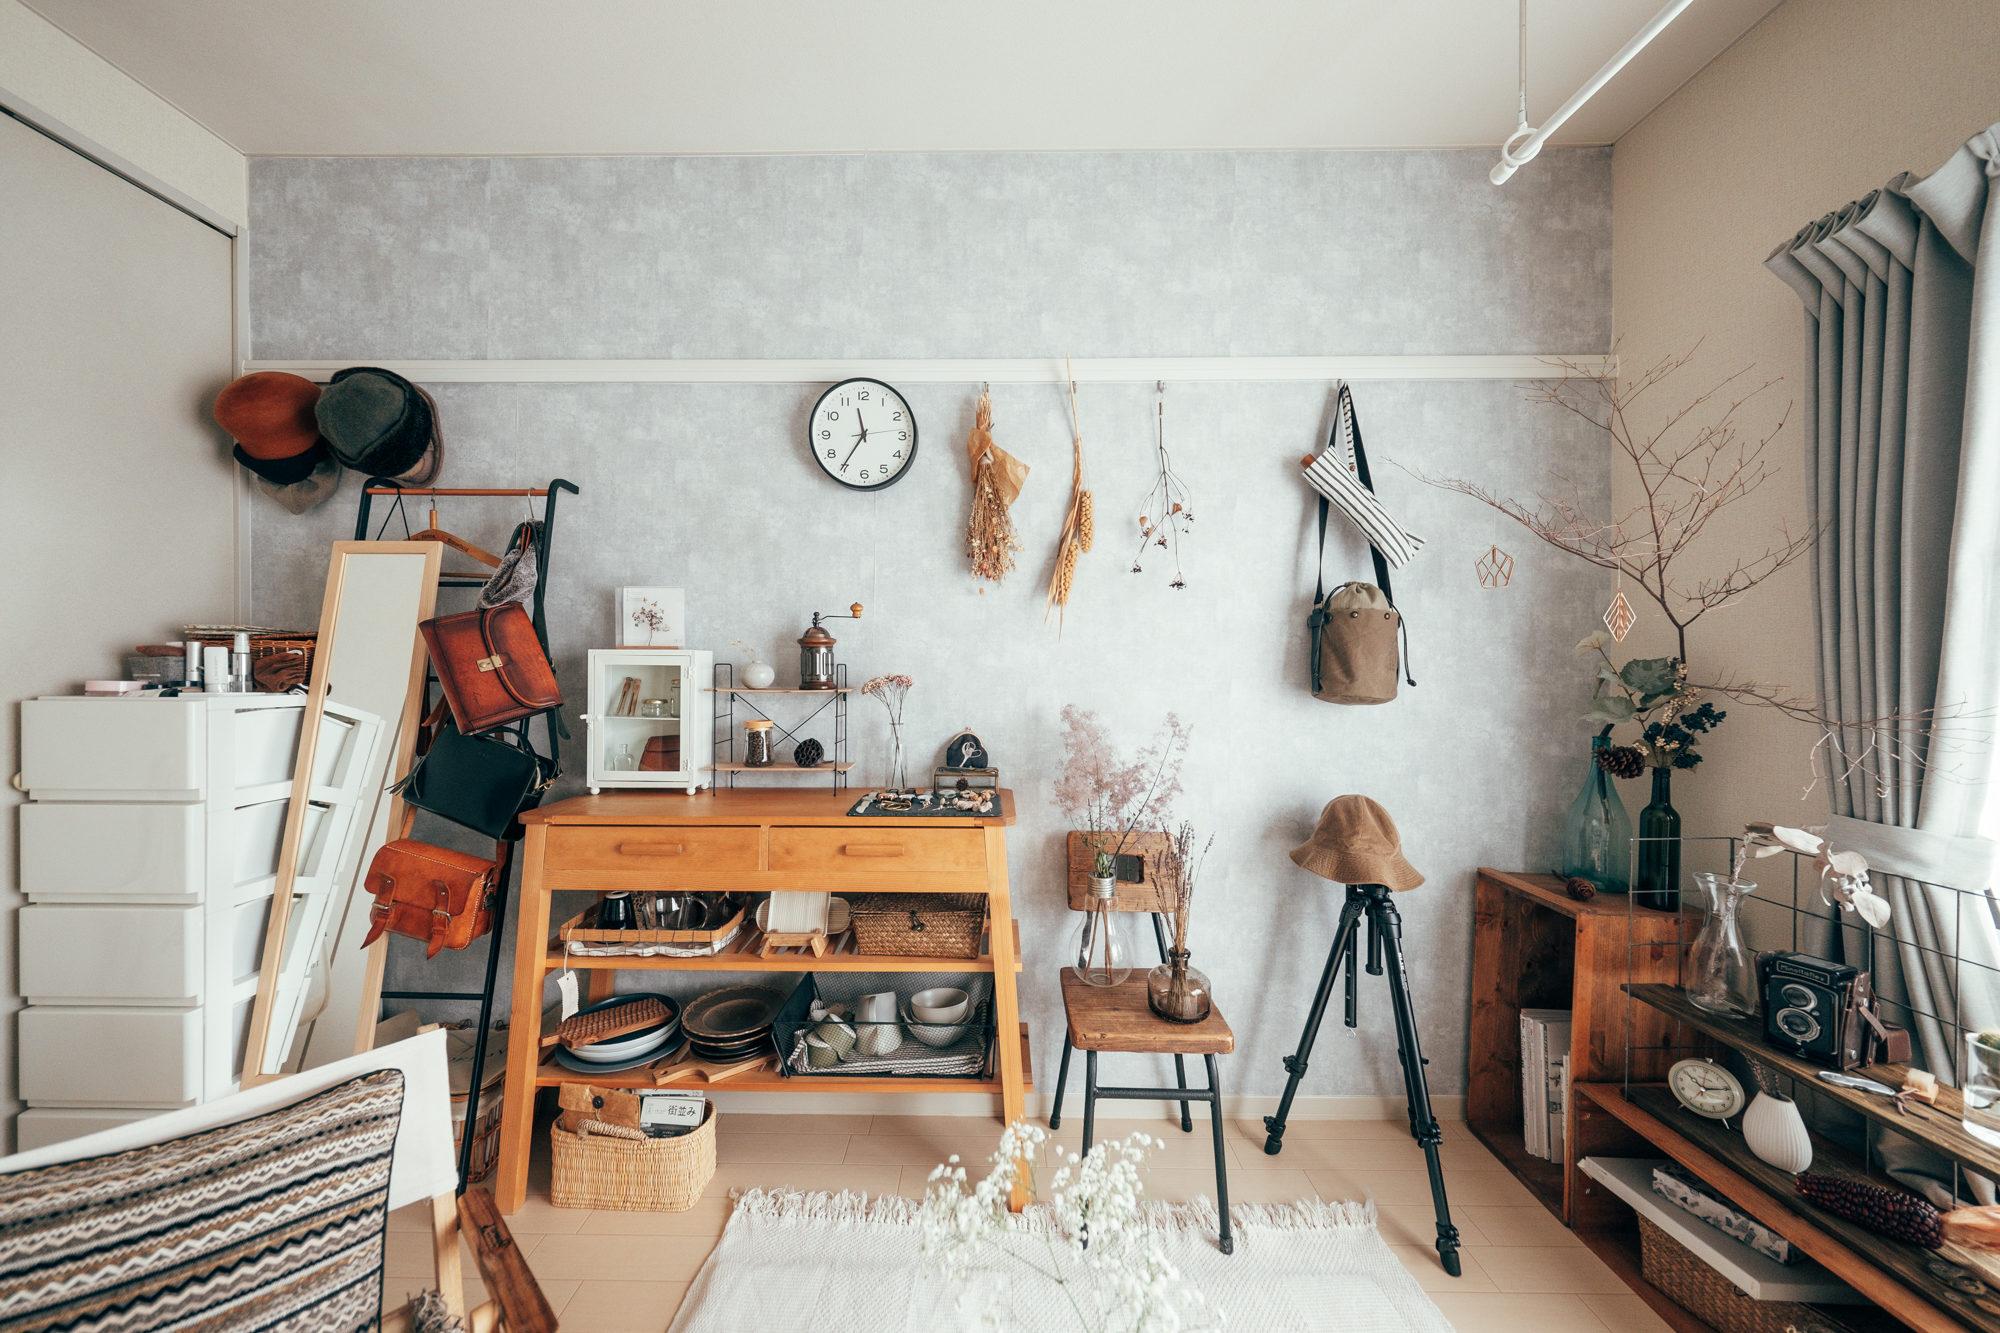 グレーの壁はMinamiさんが住み始めてから、ご自身が張り替えたものなんだとか、部屋に落ち着いた印象を与えています。